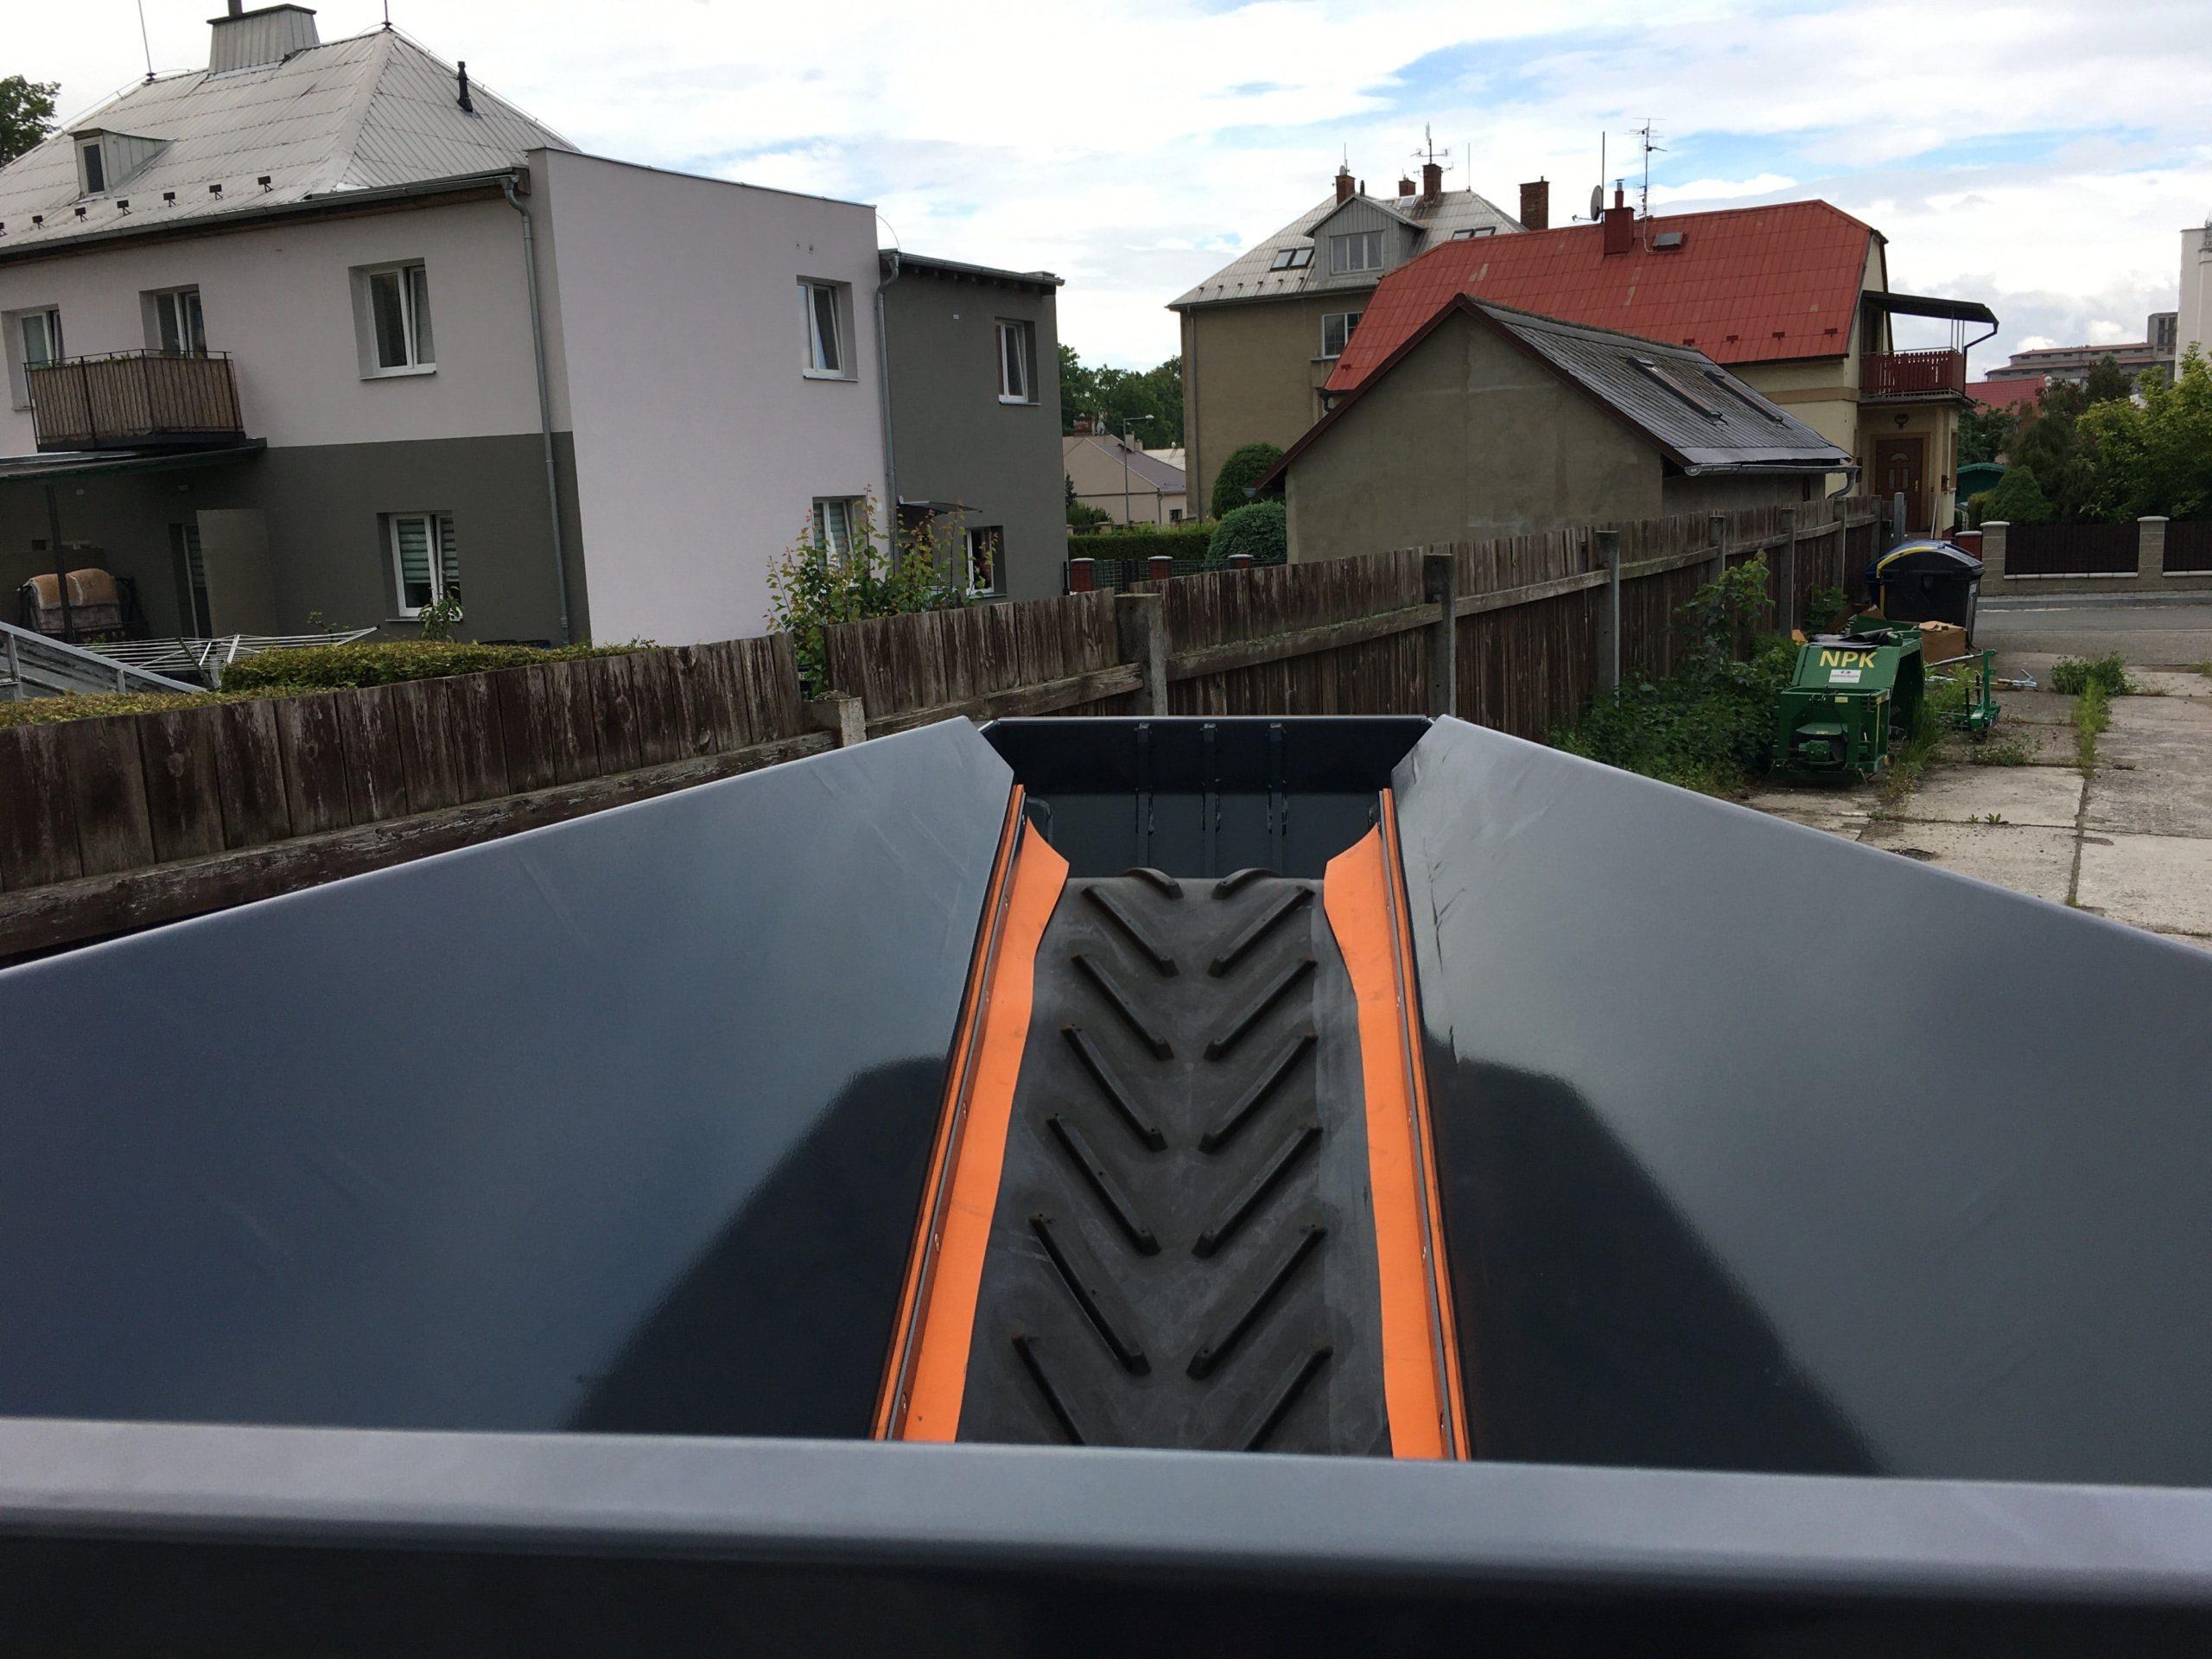 Everun - pronájem - čelisťový drtič stavební suti - stavební odpad